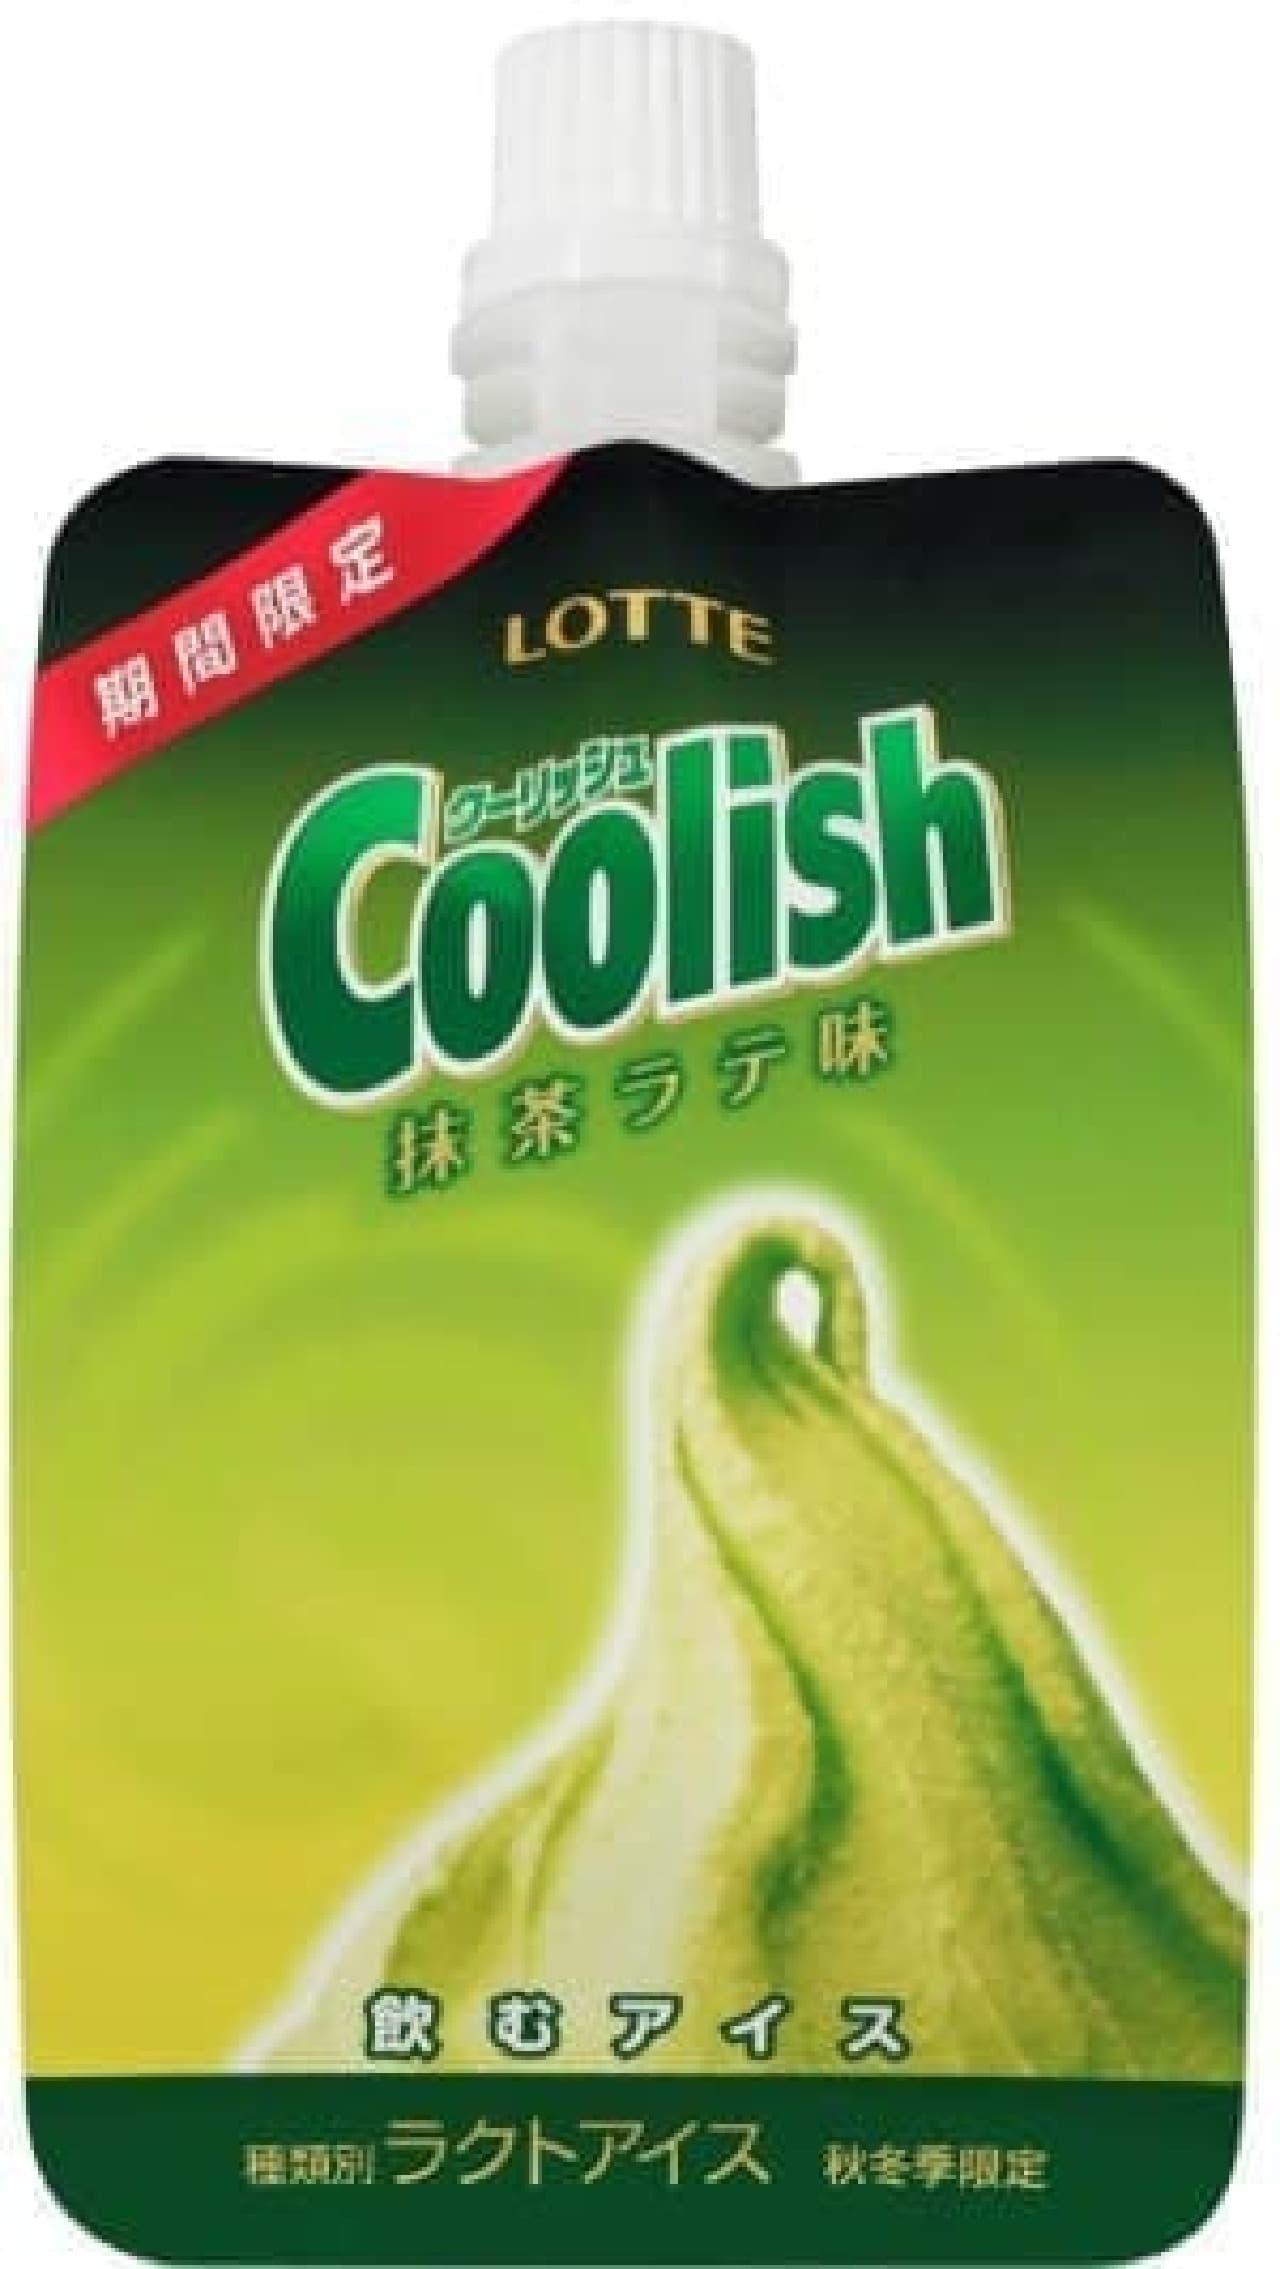 飲むアイス「クーリッシュ」に秋冬限定の抹茶ラテ味が登場!